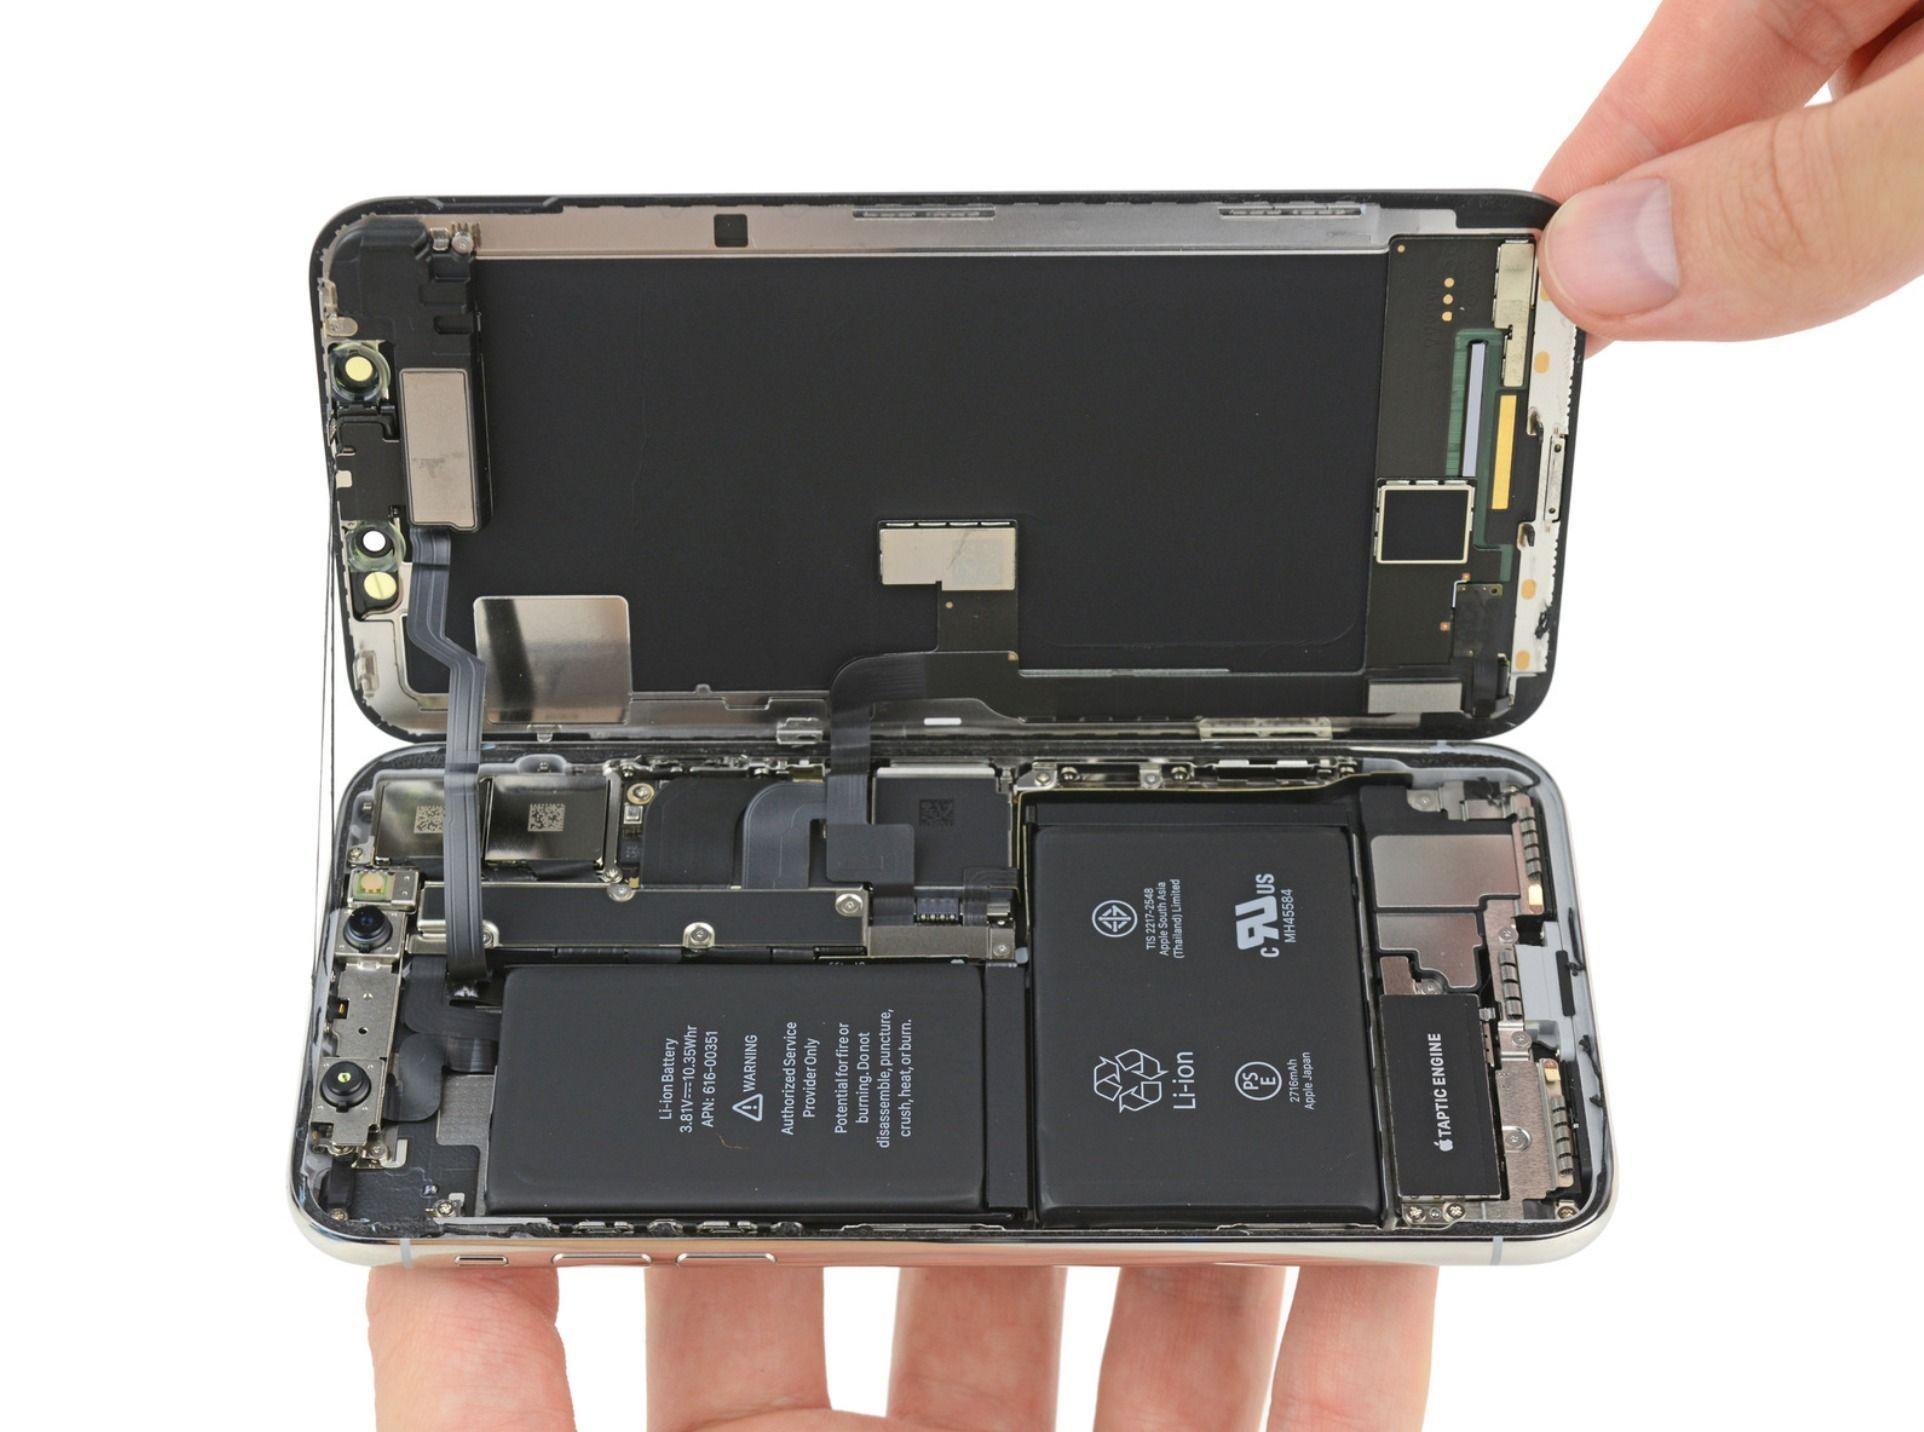 Batteria iPhone che si scarica subito: 5 trucchi per farla durare di più